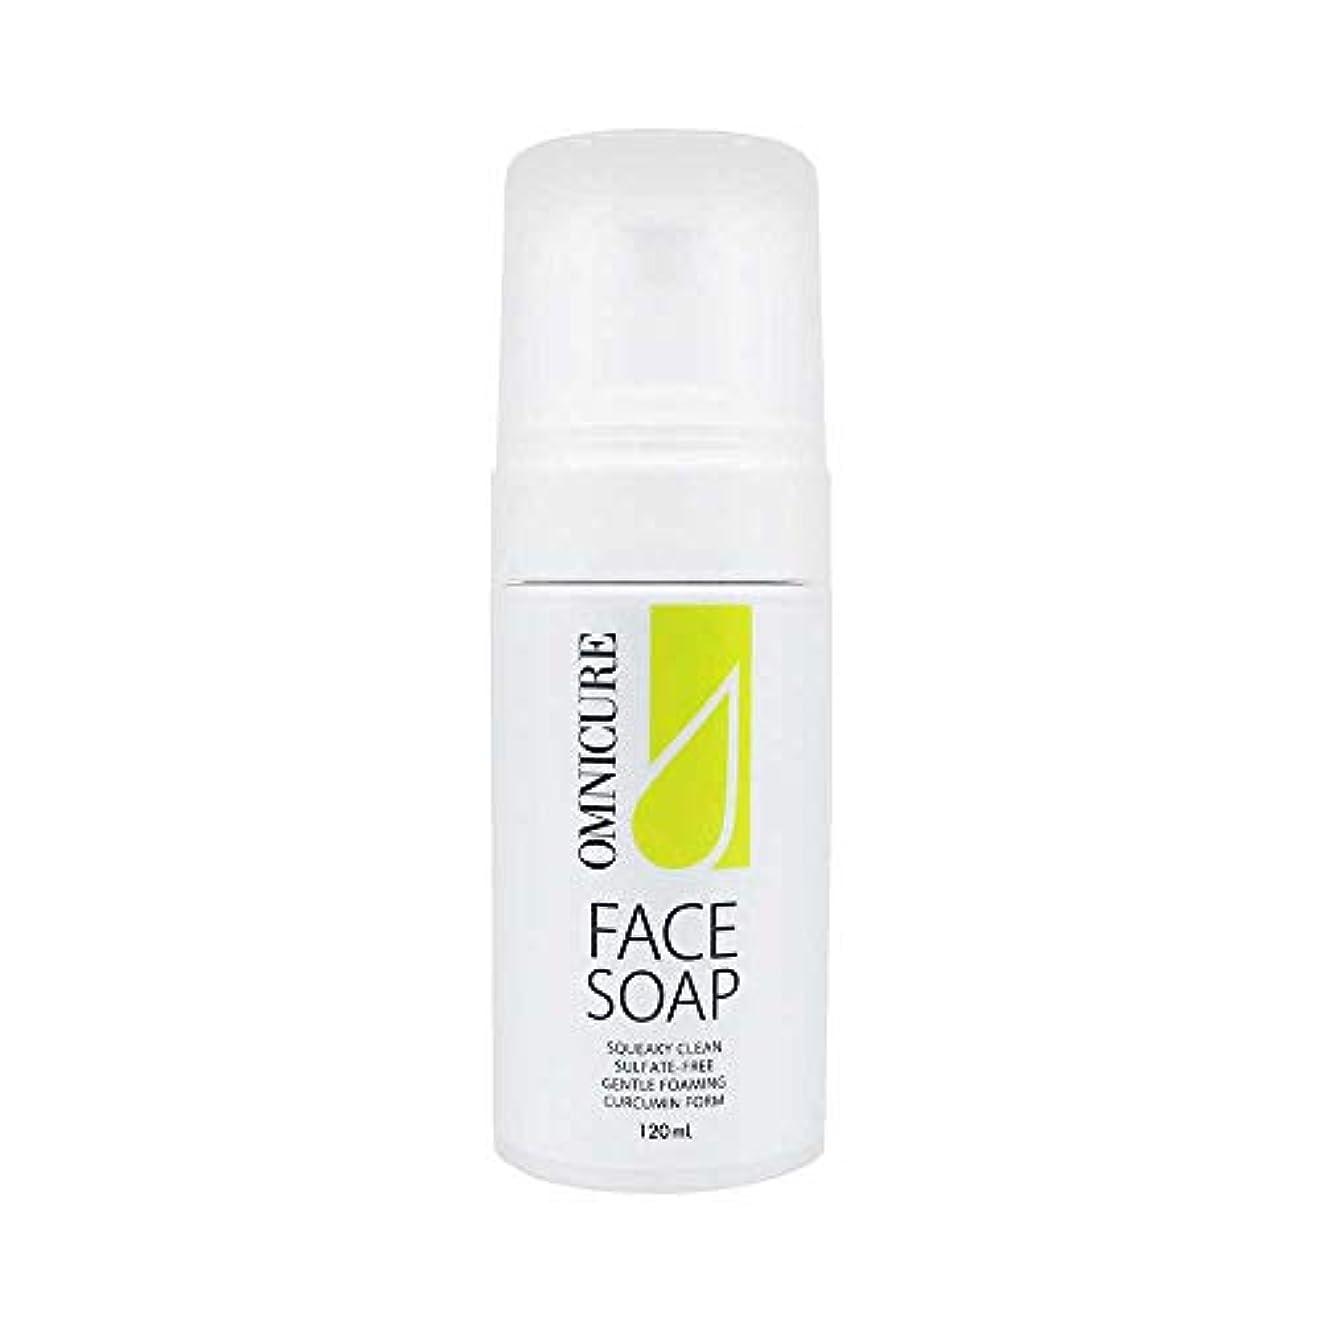 間違っているサーフィン追放するオムニキュア フェイスソープ 泡洗顔 お肌の調子を整える洗顔フォーム 弱酸性 敏感肌 驚きの保湿力 乾燥肌におすすめ